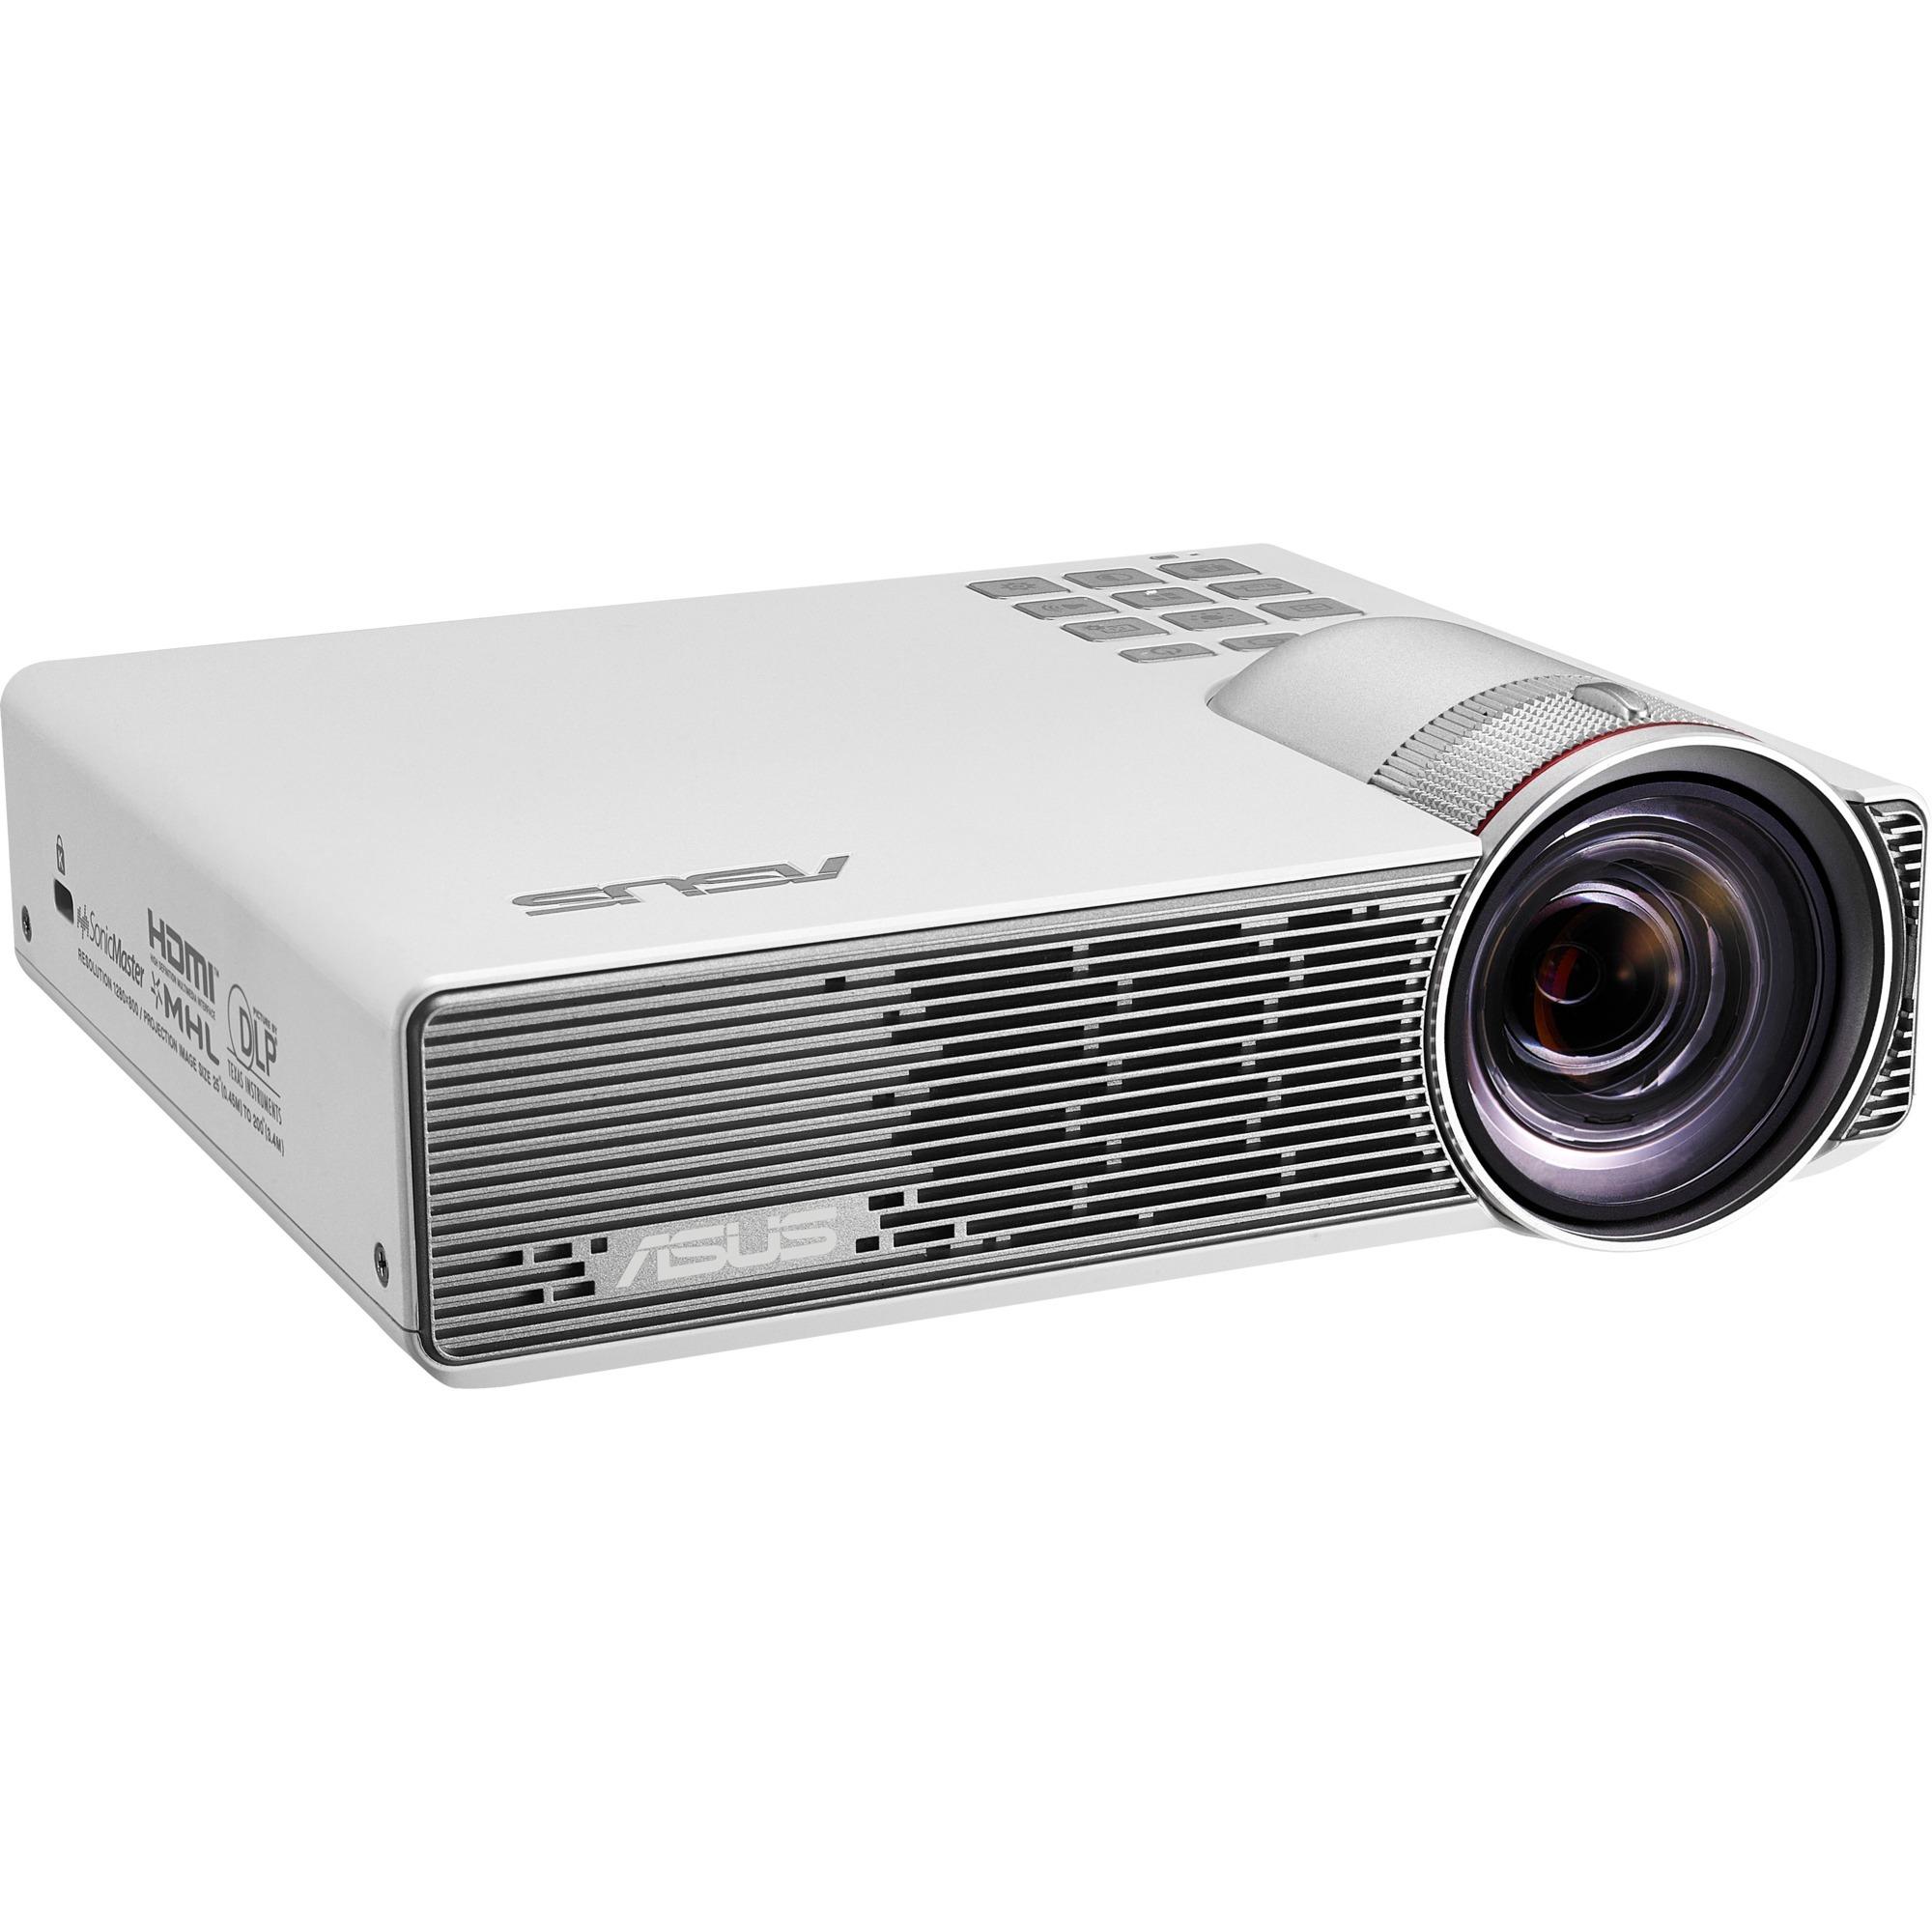 P3B Vidéoprojecteur portable 800ANSI lumens DLP WXGA (1280x800) Blanc vidéo-projecteur, Projecteur DLP